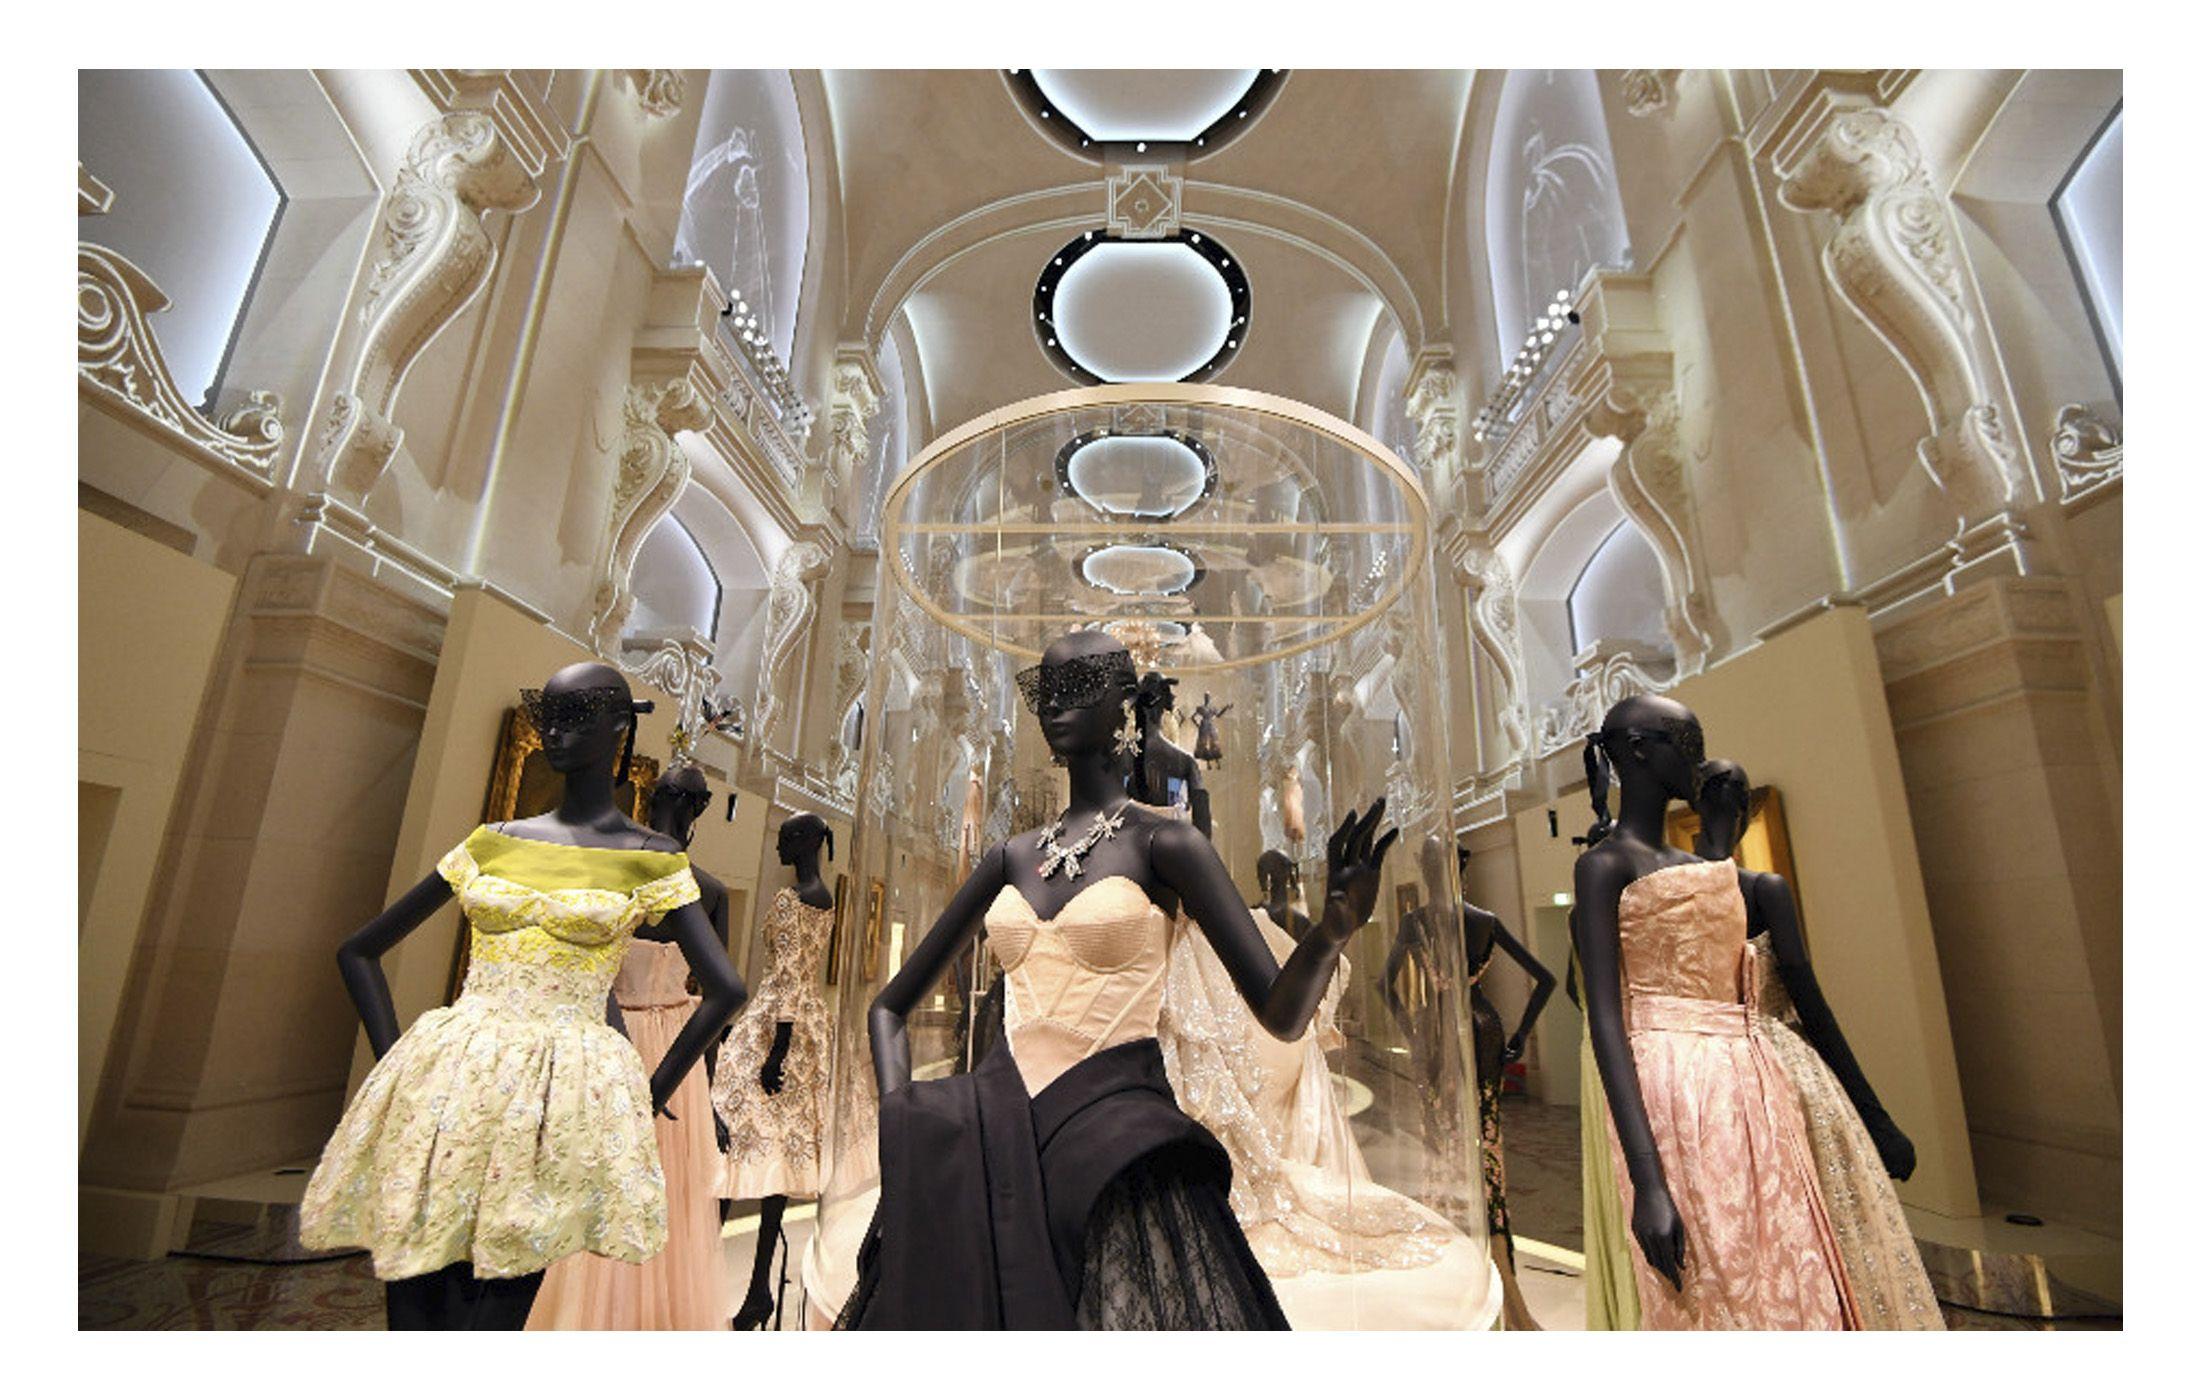 a560b7a16 Inside 'Christian Dior, Designer Of Dreams' Paris Exhibition - 10 ...